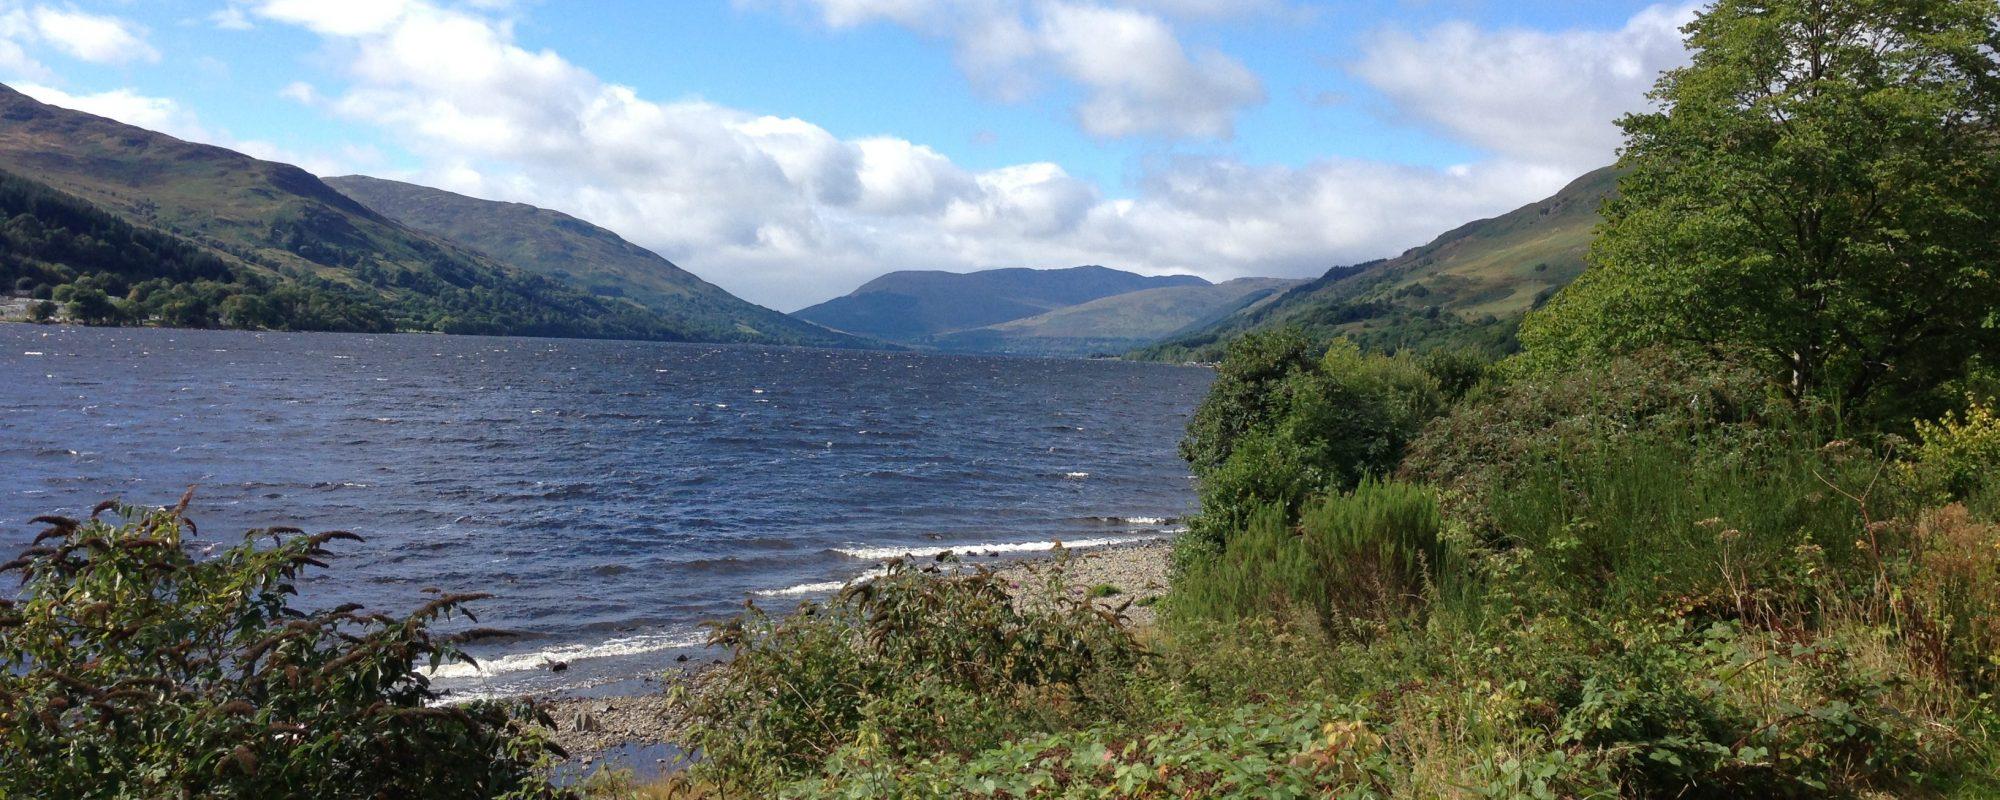 1 Day Glasgow and Loch Lomond Tour